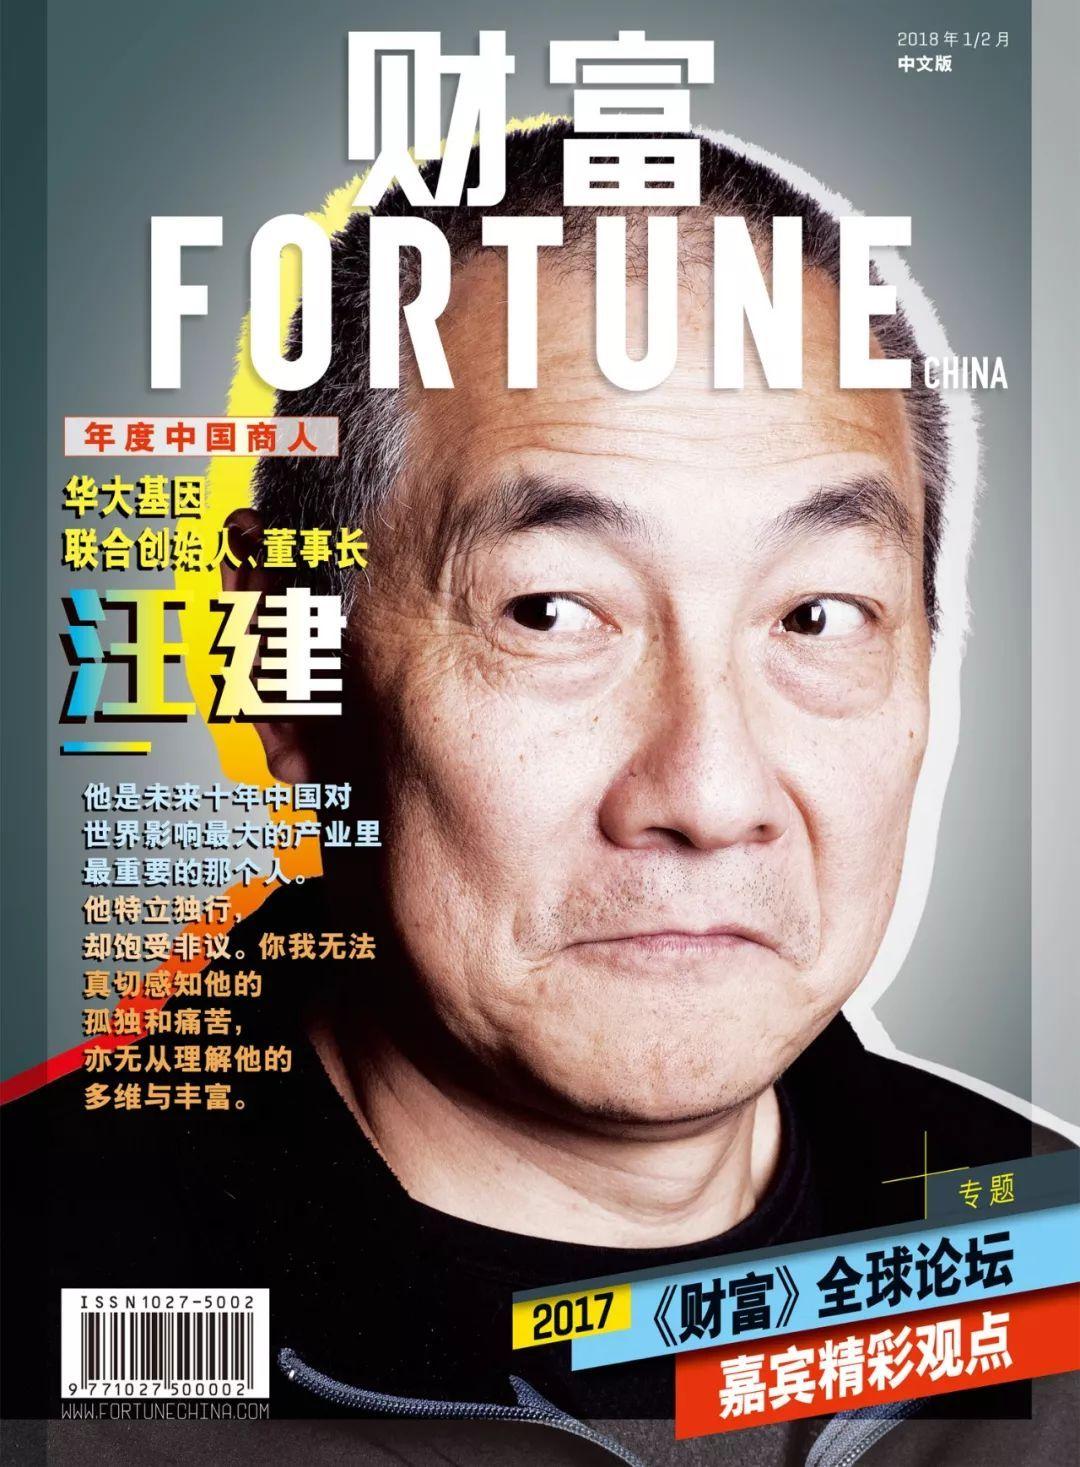 原文:《基因教父 | 狂人企业家如何与时代起义和迁就》